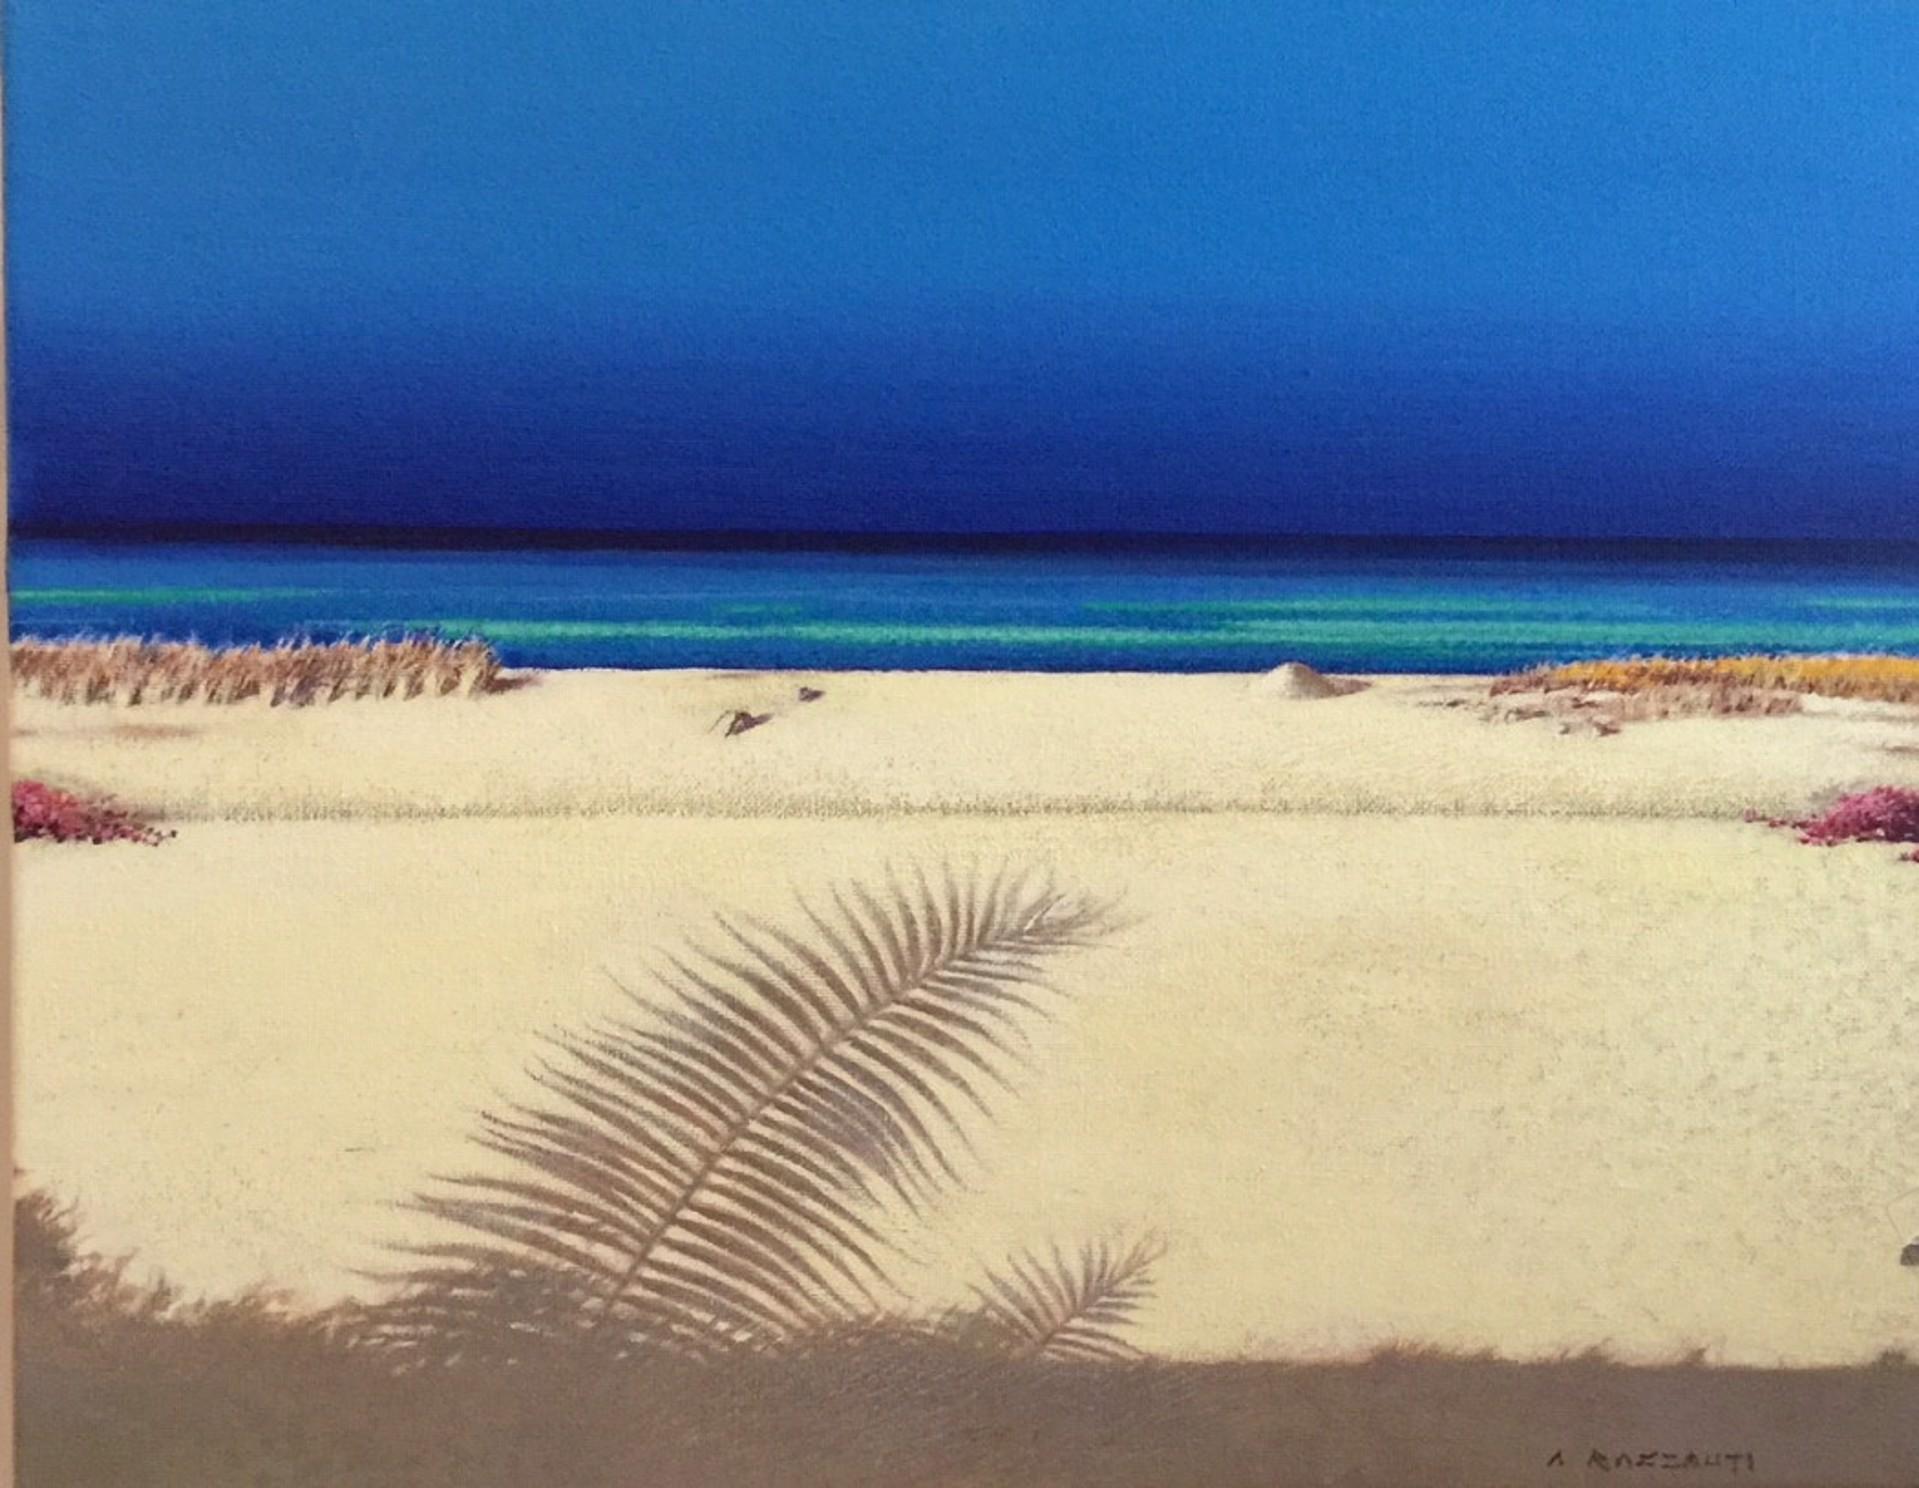 White Sand by Andrea Razzauti